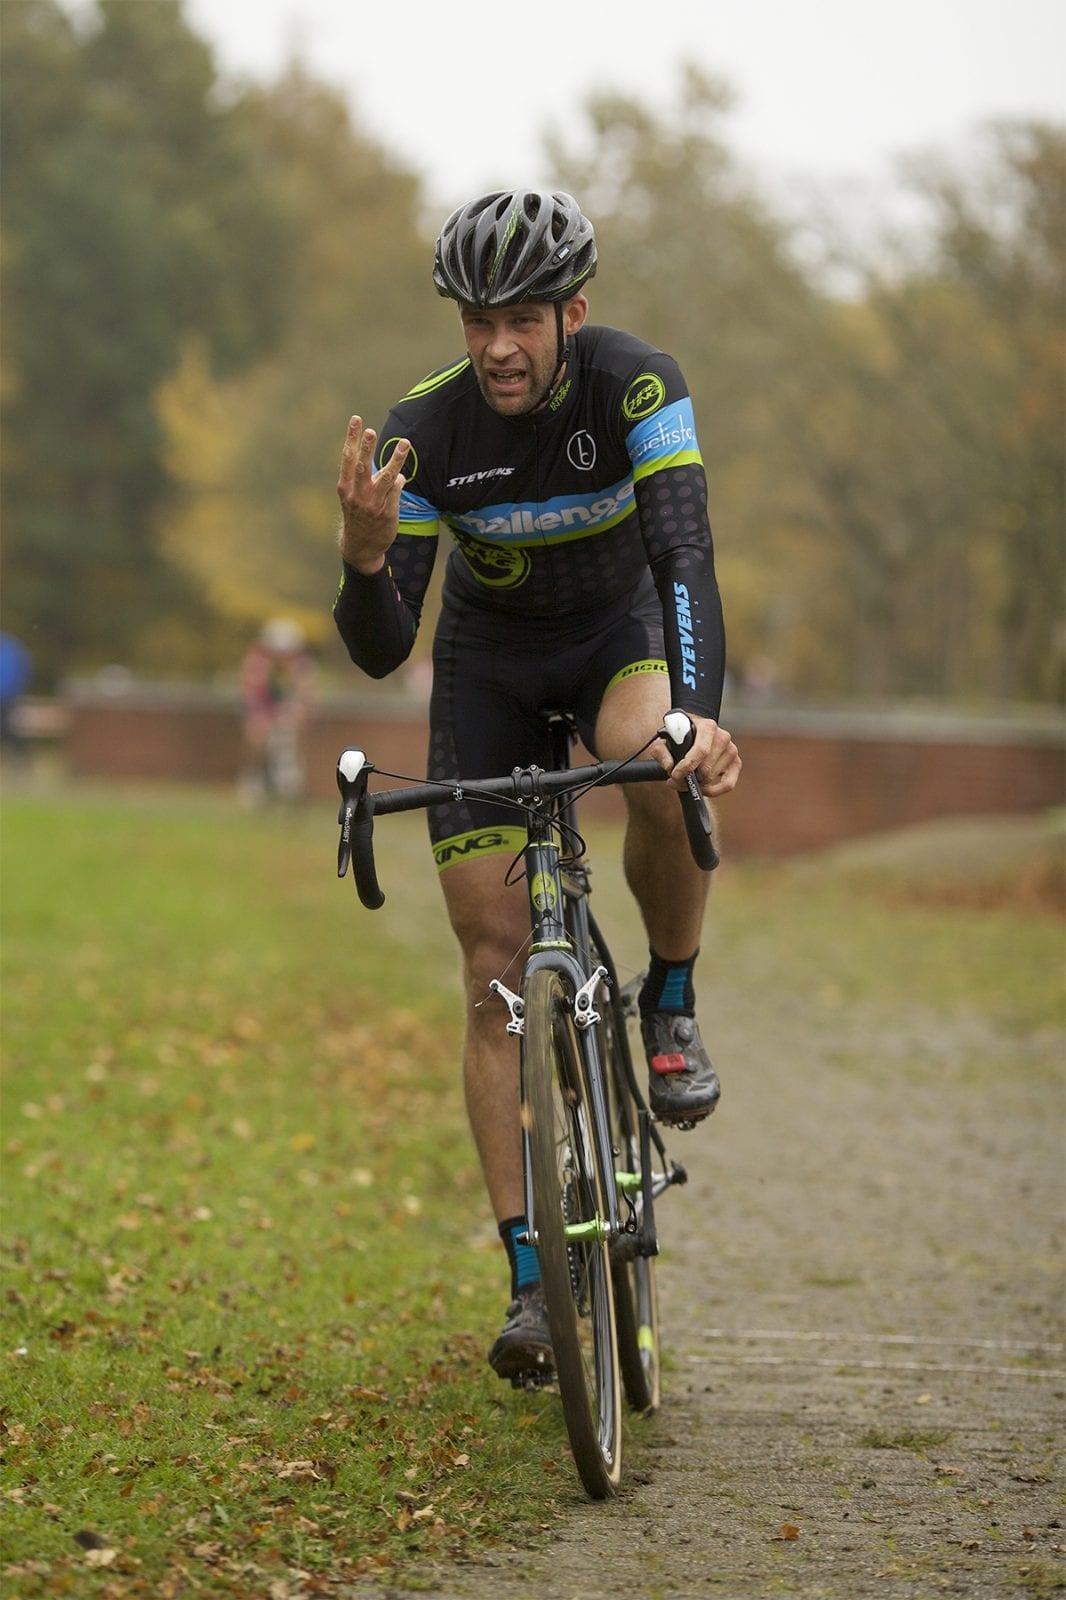 Parbo gad nok godt være blevet 2er, han var godt kørende, men 3 er nu også flot! © Photo: Uggi Kaldan // AltomCykling.dk